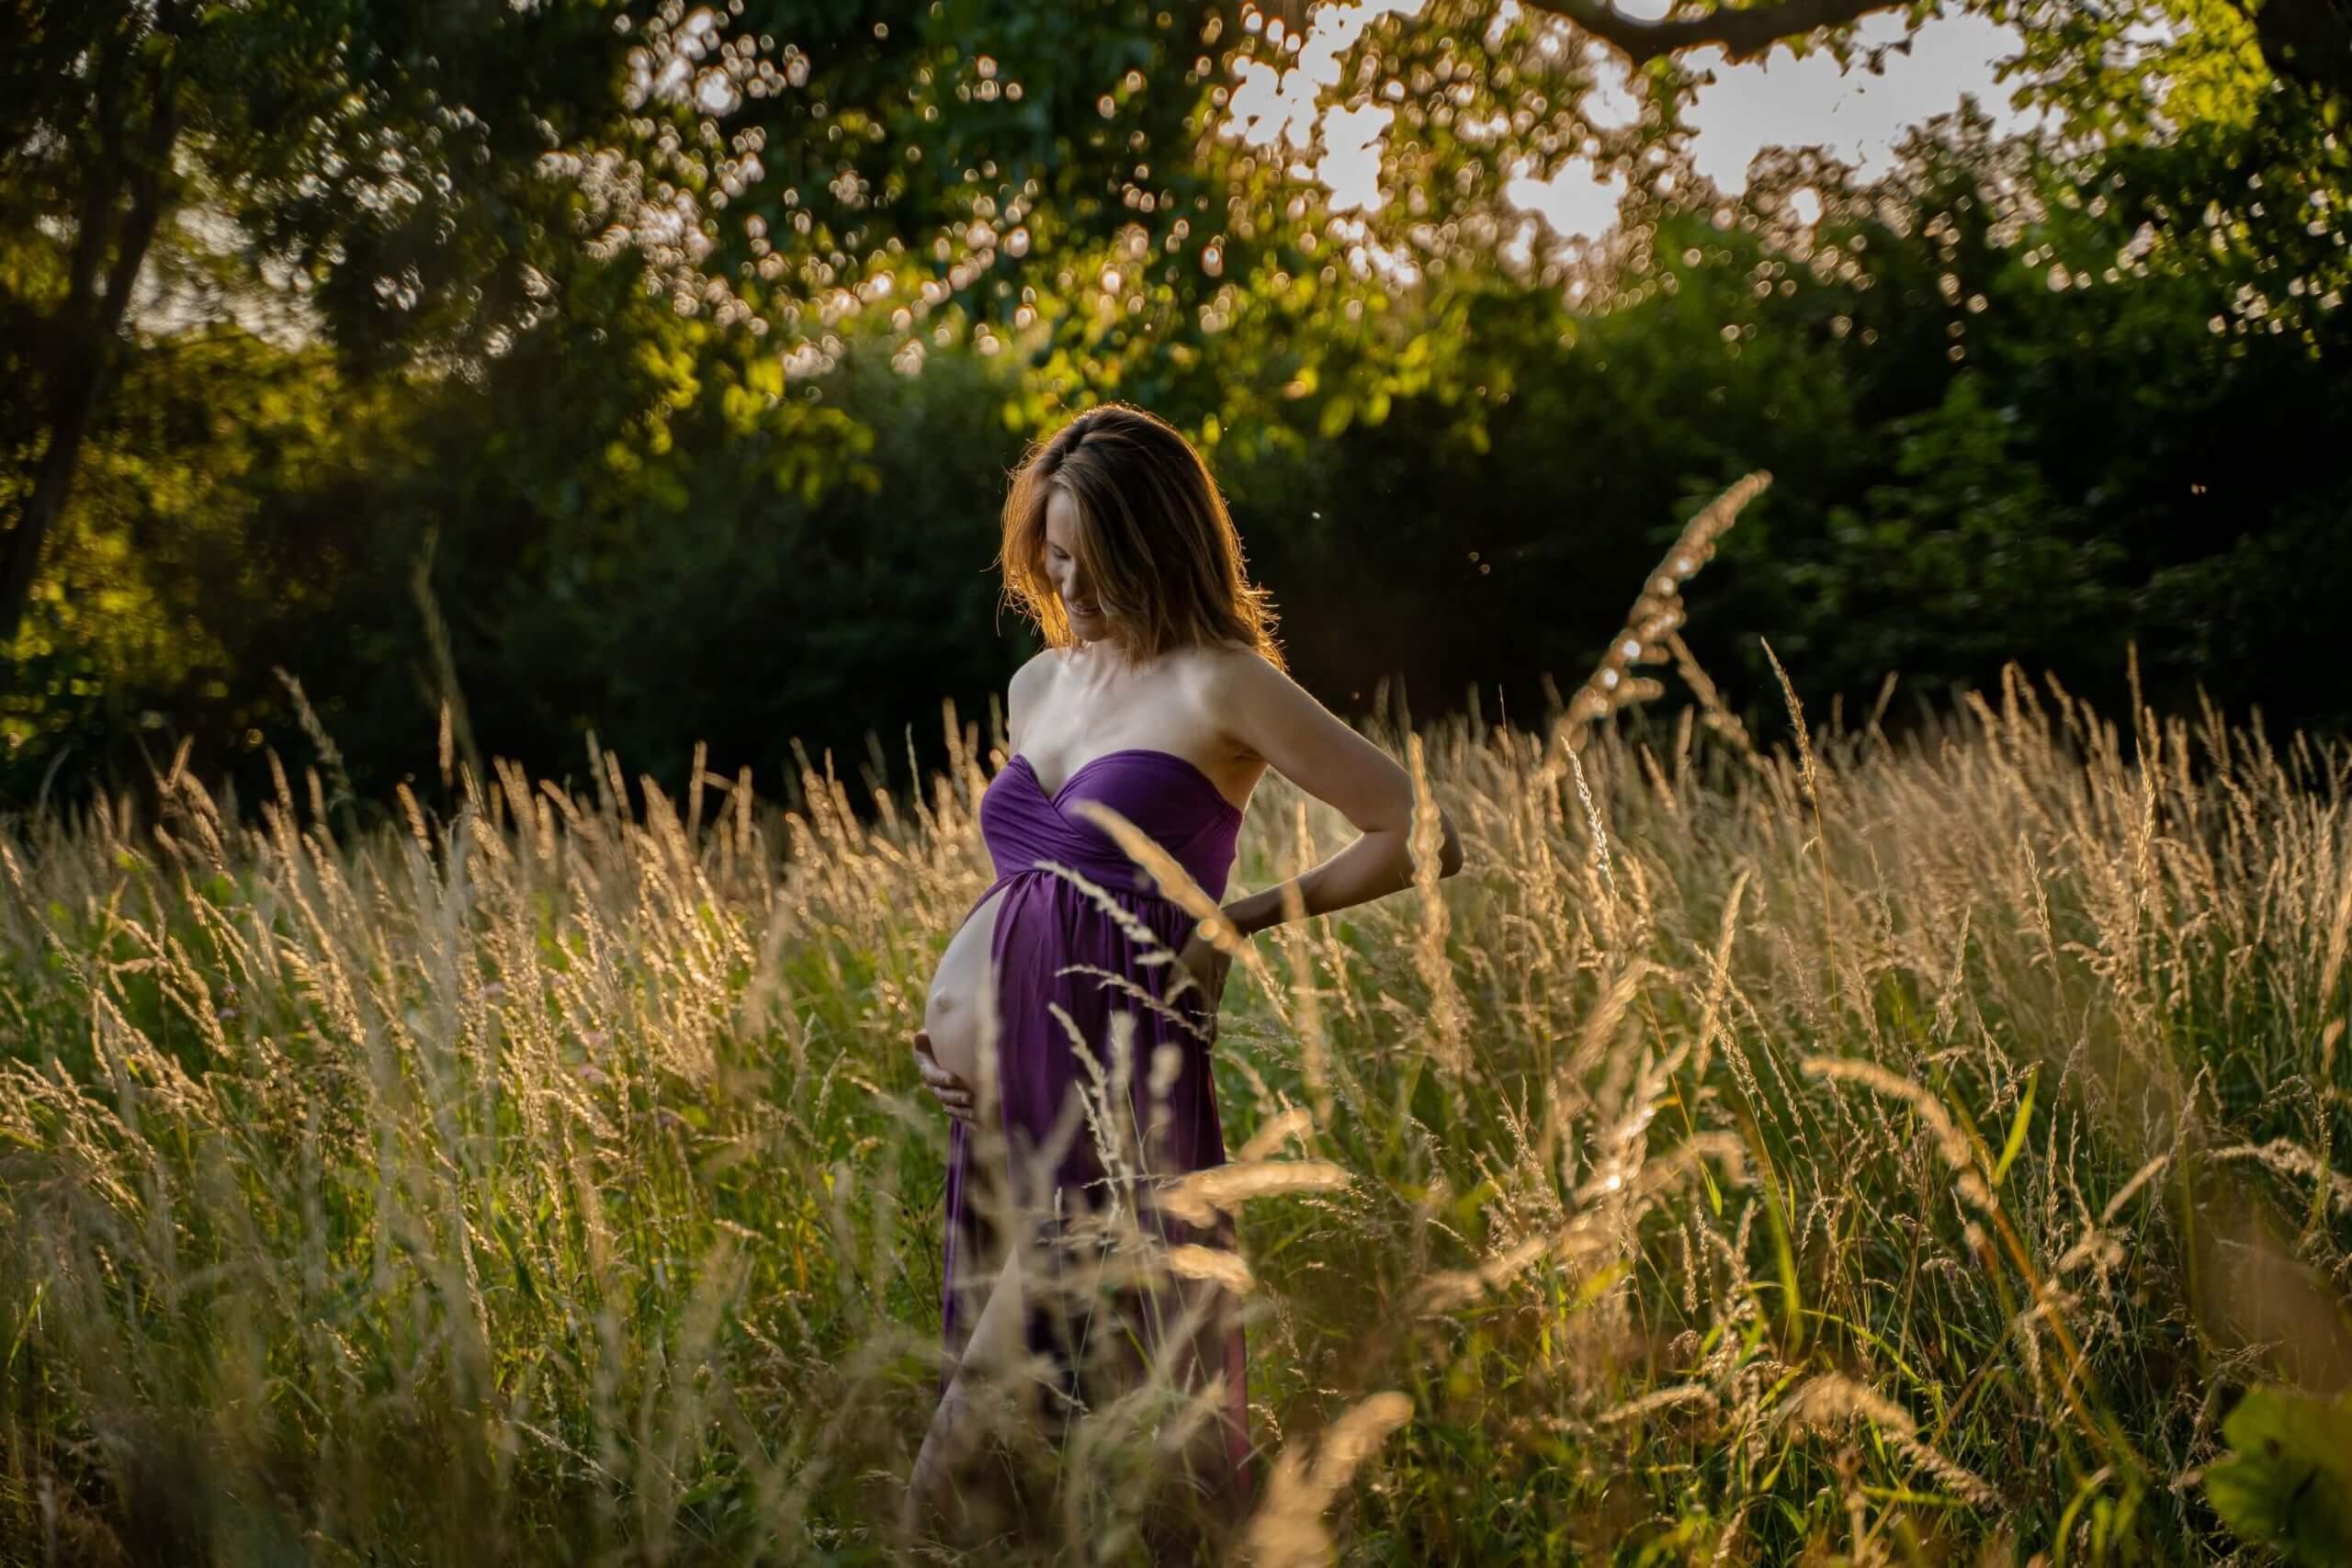 Zwangerschap golden hour mommy to be wijk bij duurstede